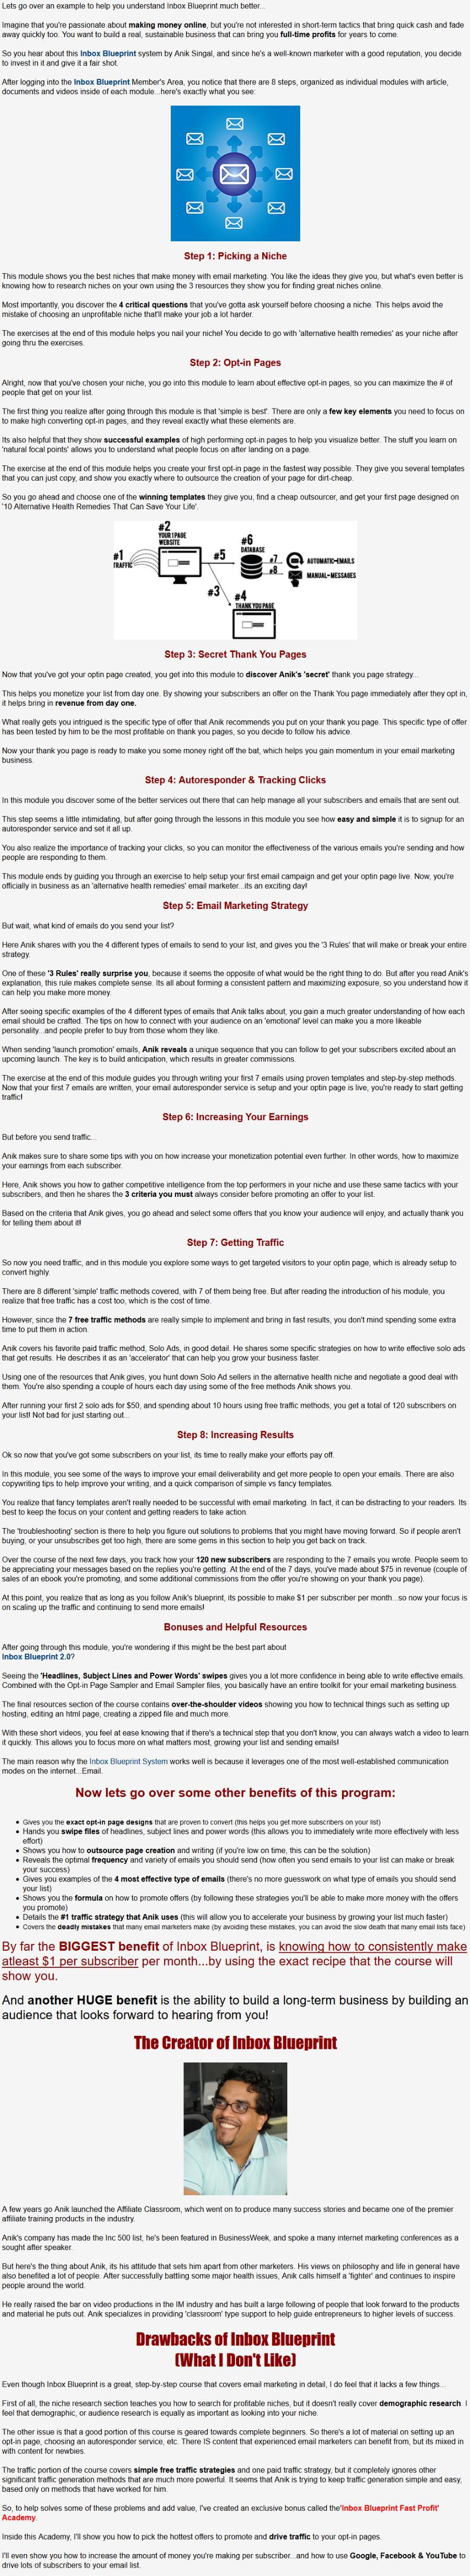 Uncut inbox blueprint v20 review unique fast profit bonus inbox blueprint review detailed malvernweather Gallery